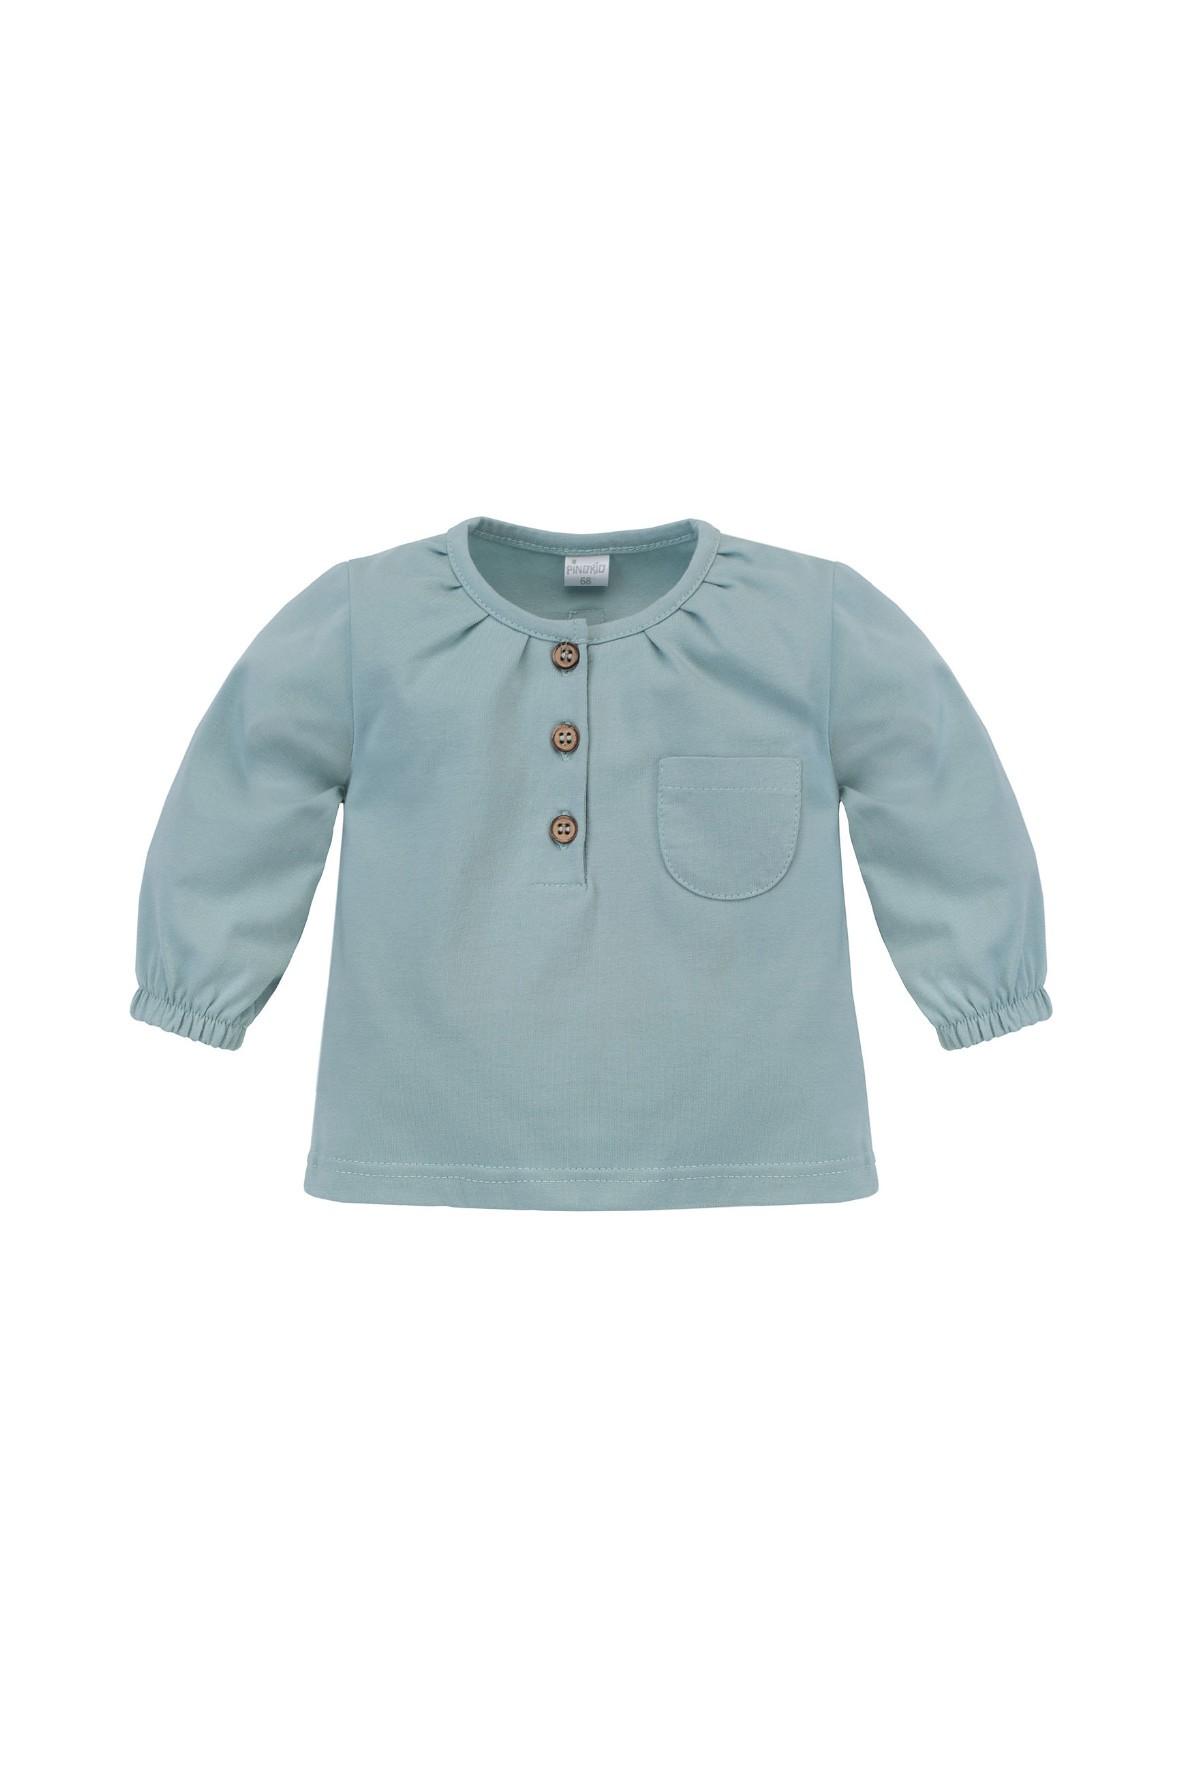 Dziewczęca bluzka z długim rękawem, w modnym odcieniu mięty